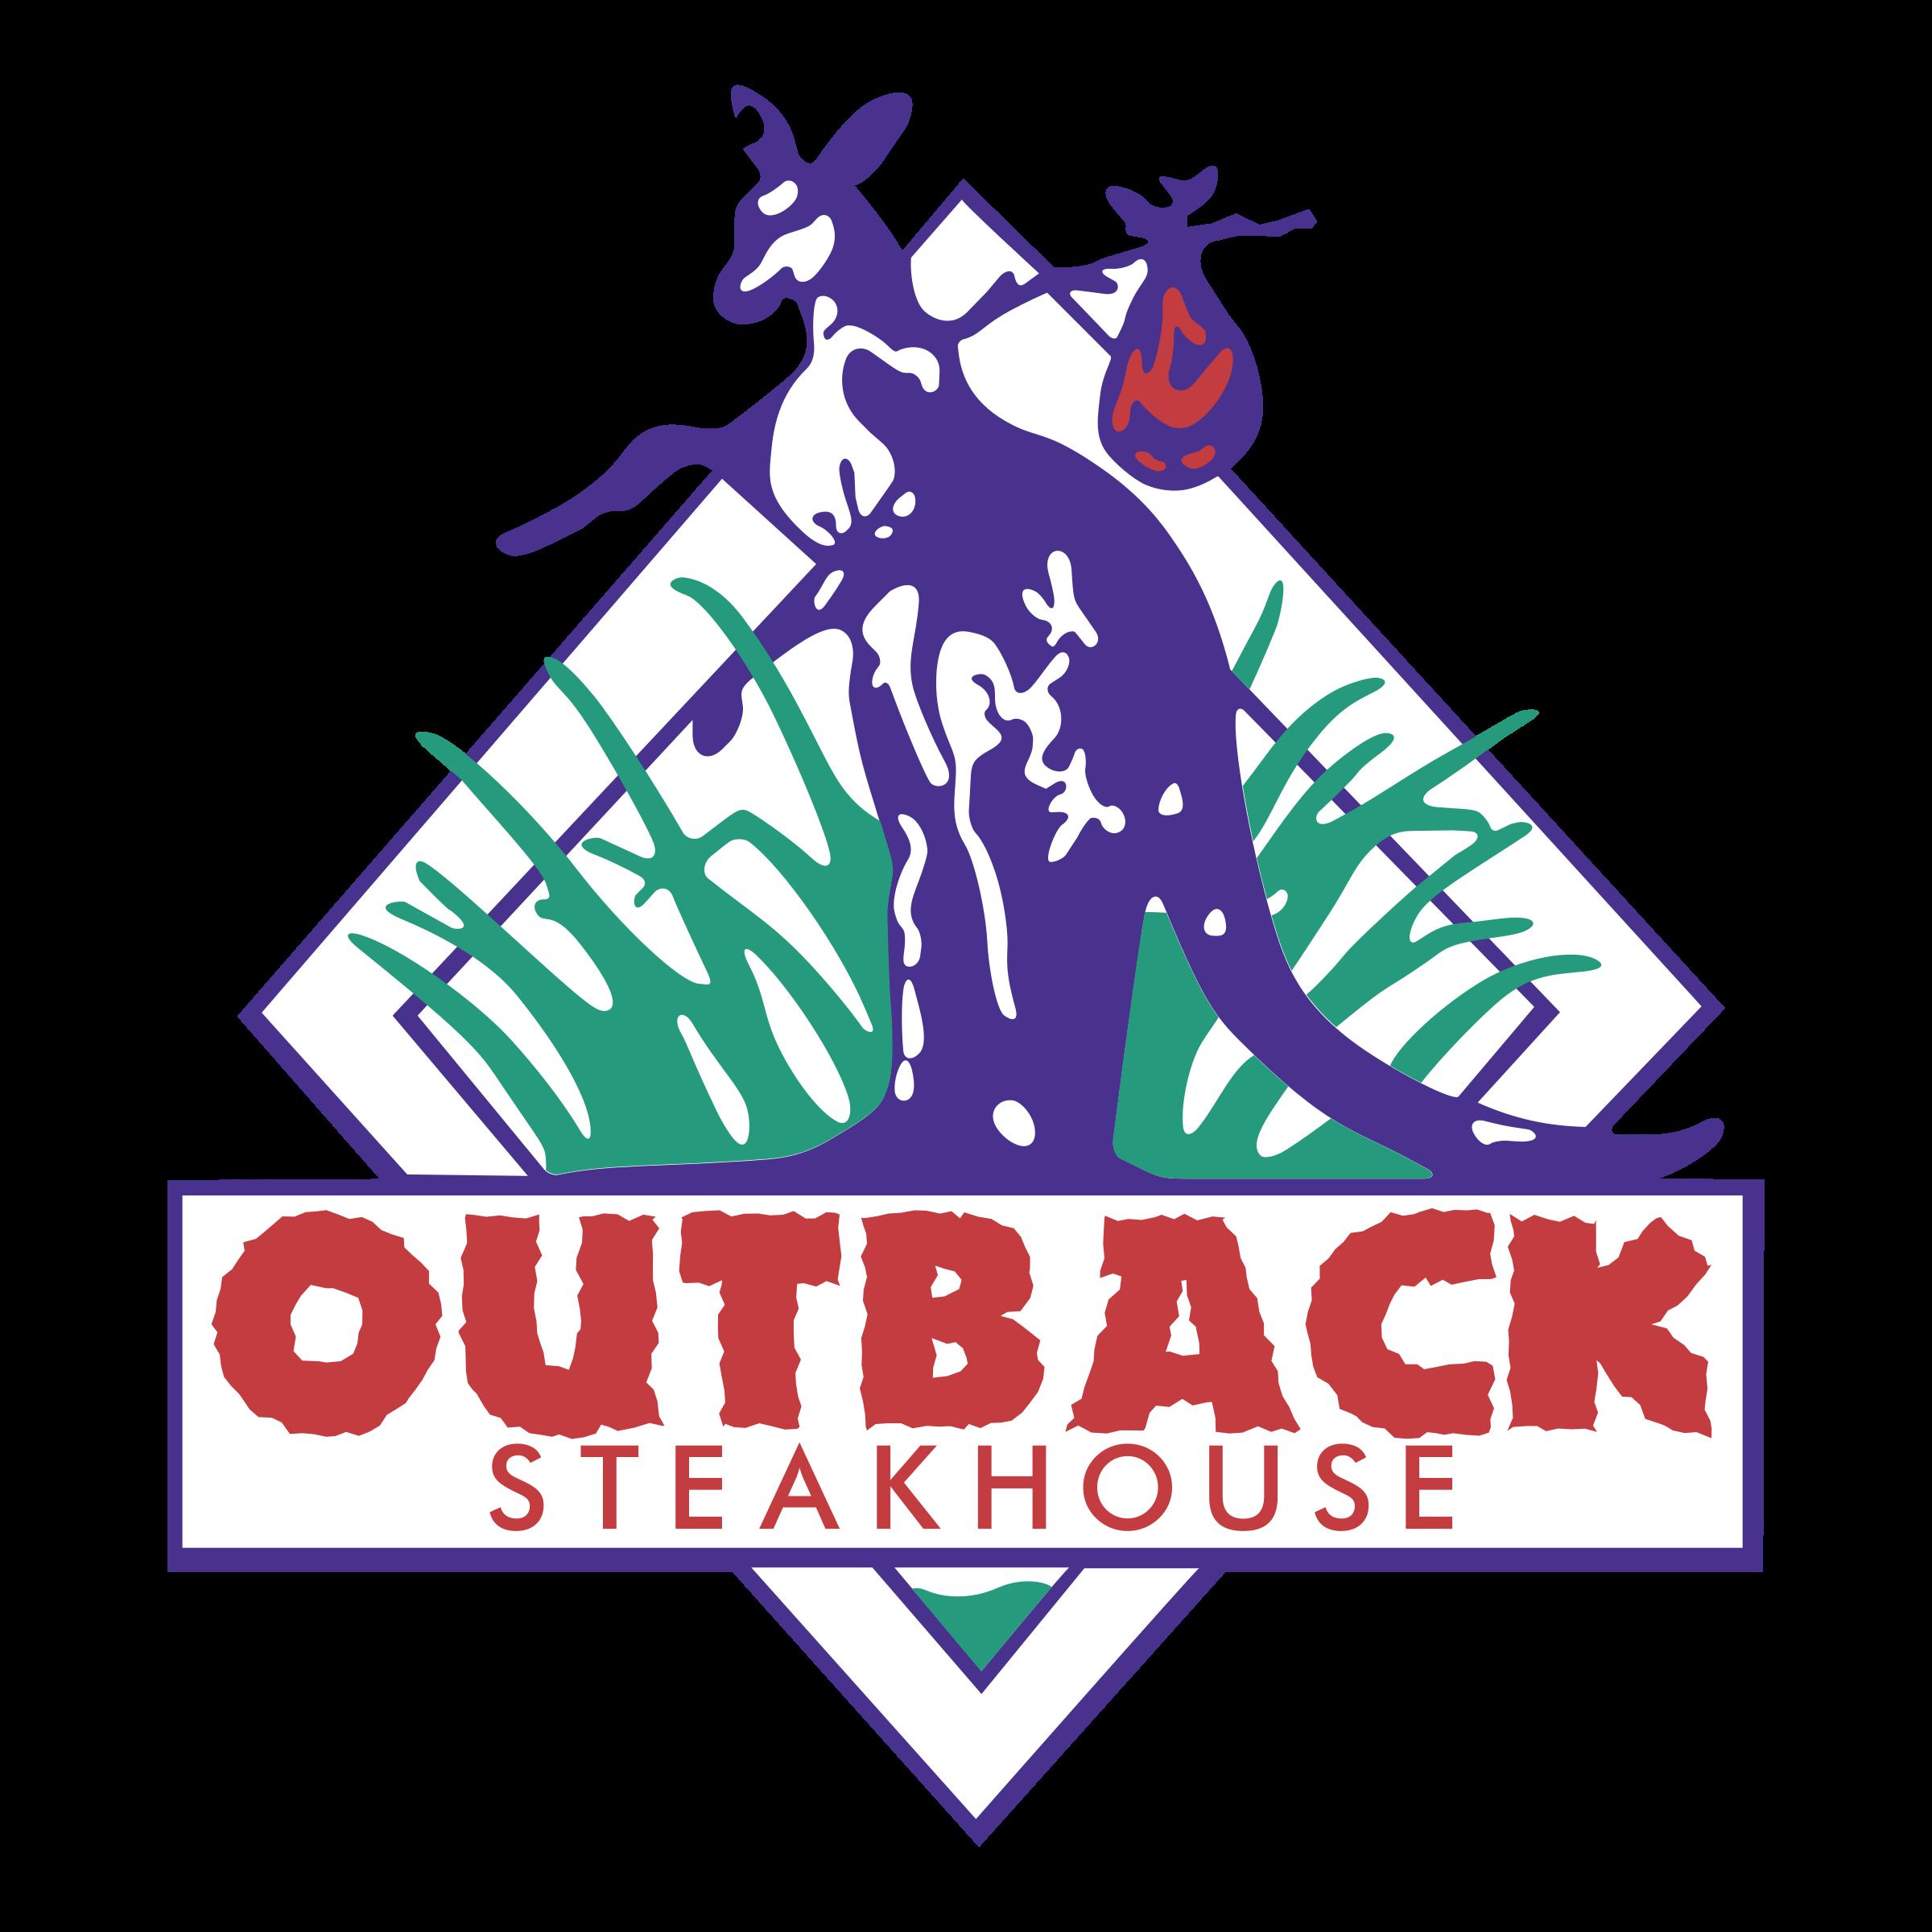 Outback Steakhouse Logo PNG Transparent & SVG Vector.